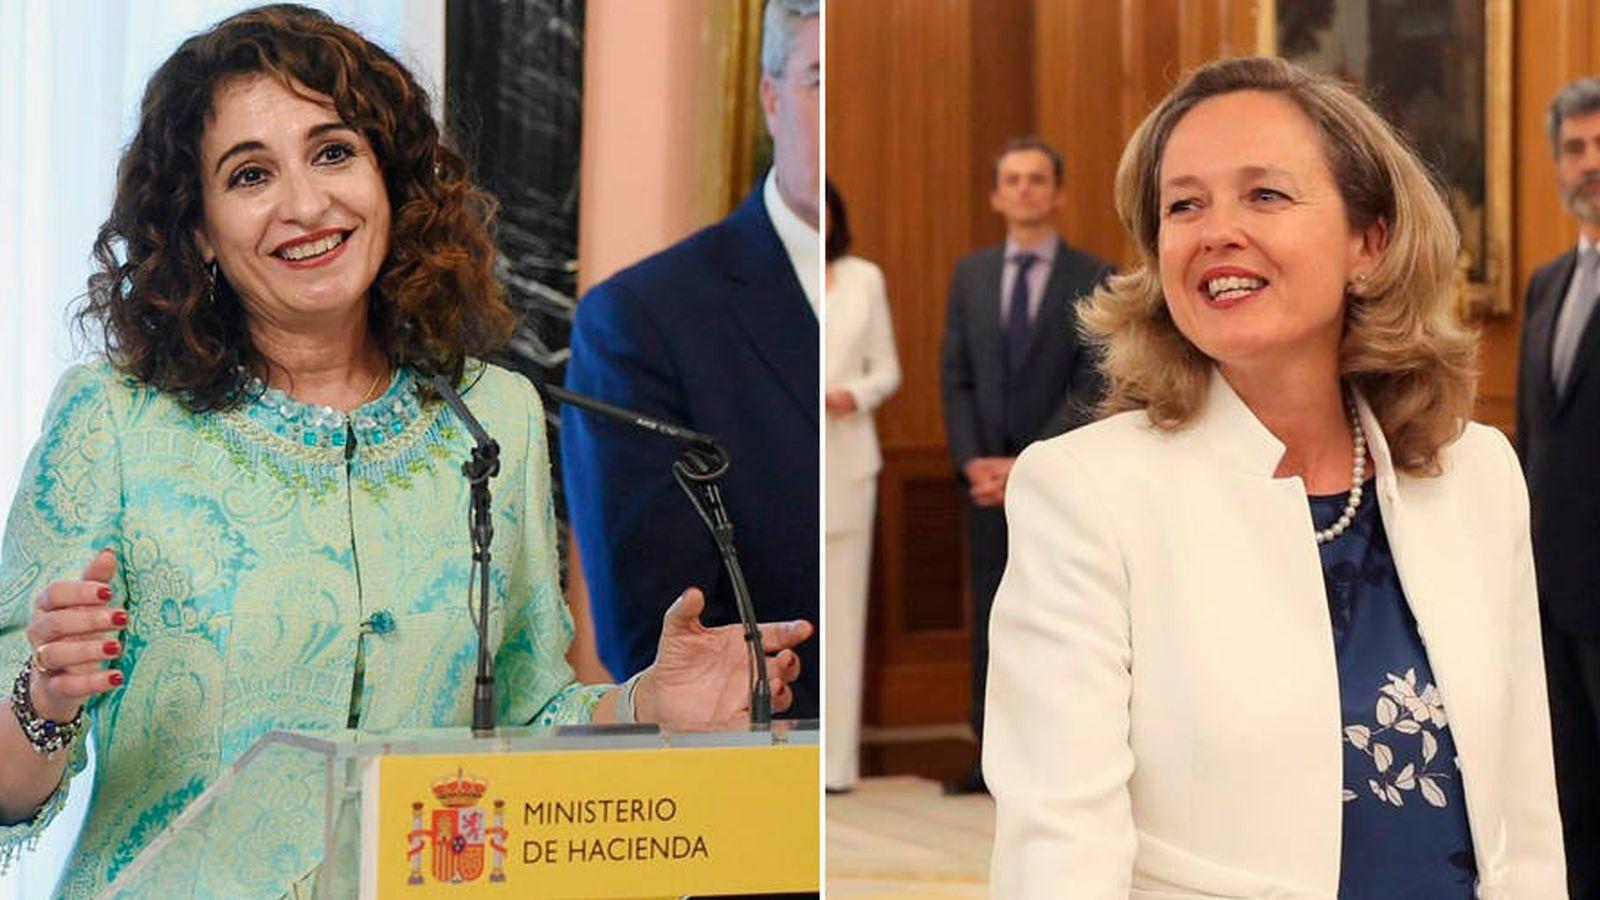 Foto: La ministra de Hacienda, María Jesús Montero (i), y la ministra de Economía, Nadia Calviño. (EFE)